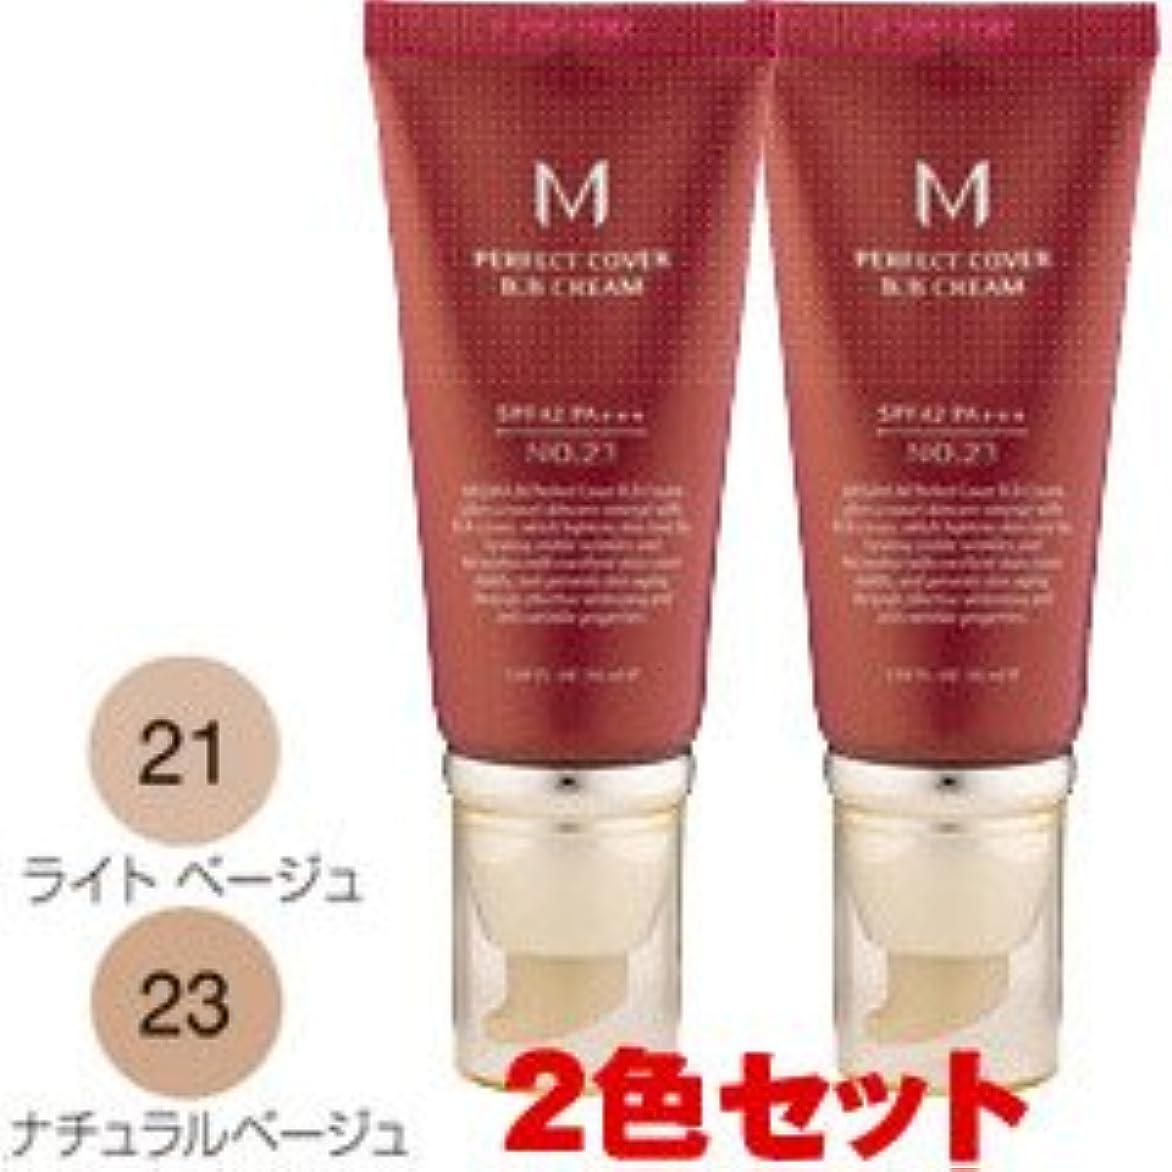 シーン裏切り者熱狂的なMissha(ミシャ) M BBクリーム UV SPF42 PA+++ #21 と #23 の2色セット 50ml×2個セット [並行輸入品][海外直送品]